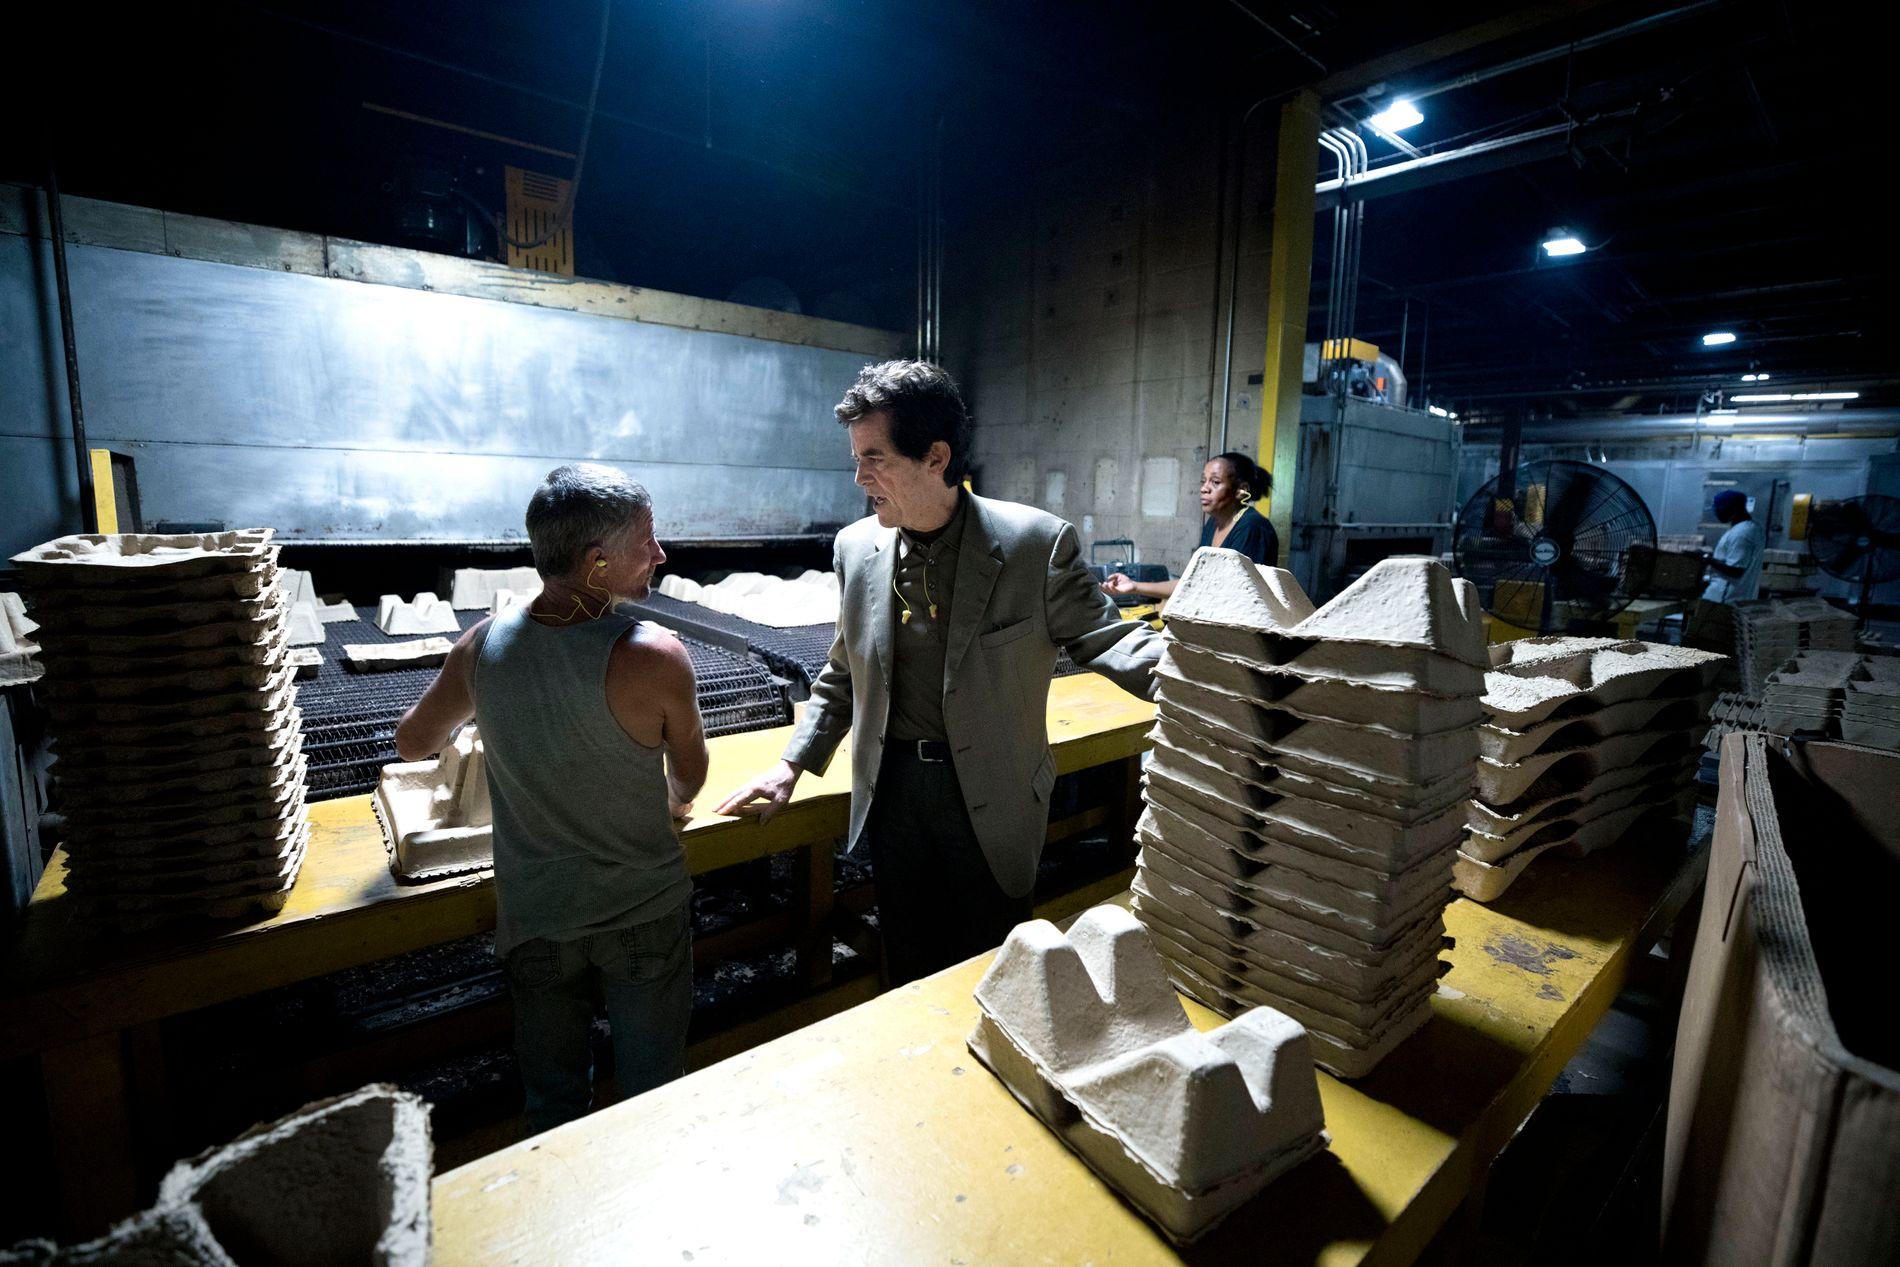 140 ANSATTE: Doug Henry slår av en prat med en av sine rundt 140 ansatte. Det er nesten 40 varmegrader inne i fabrikken.